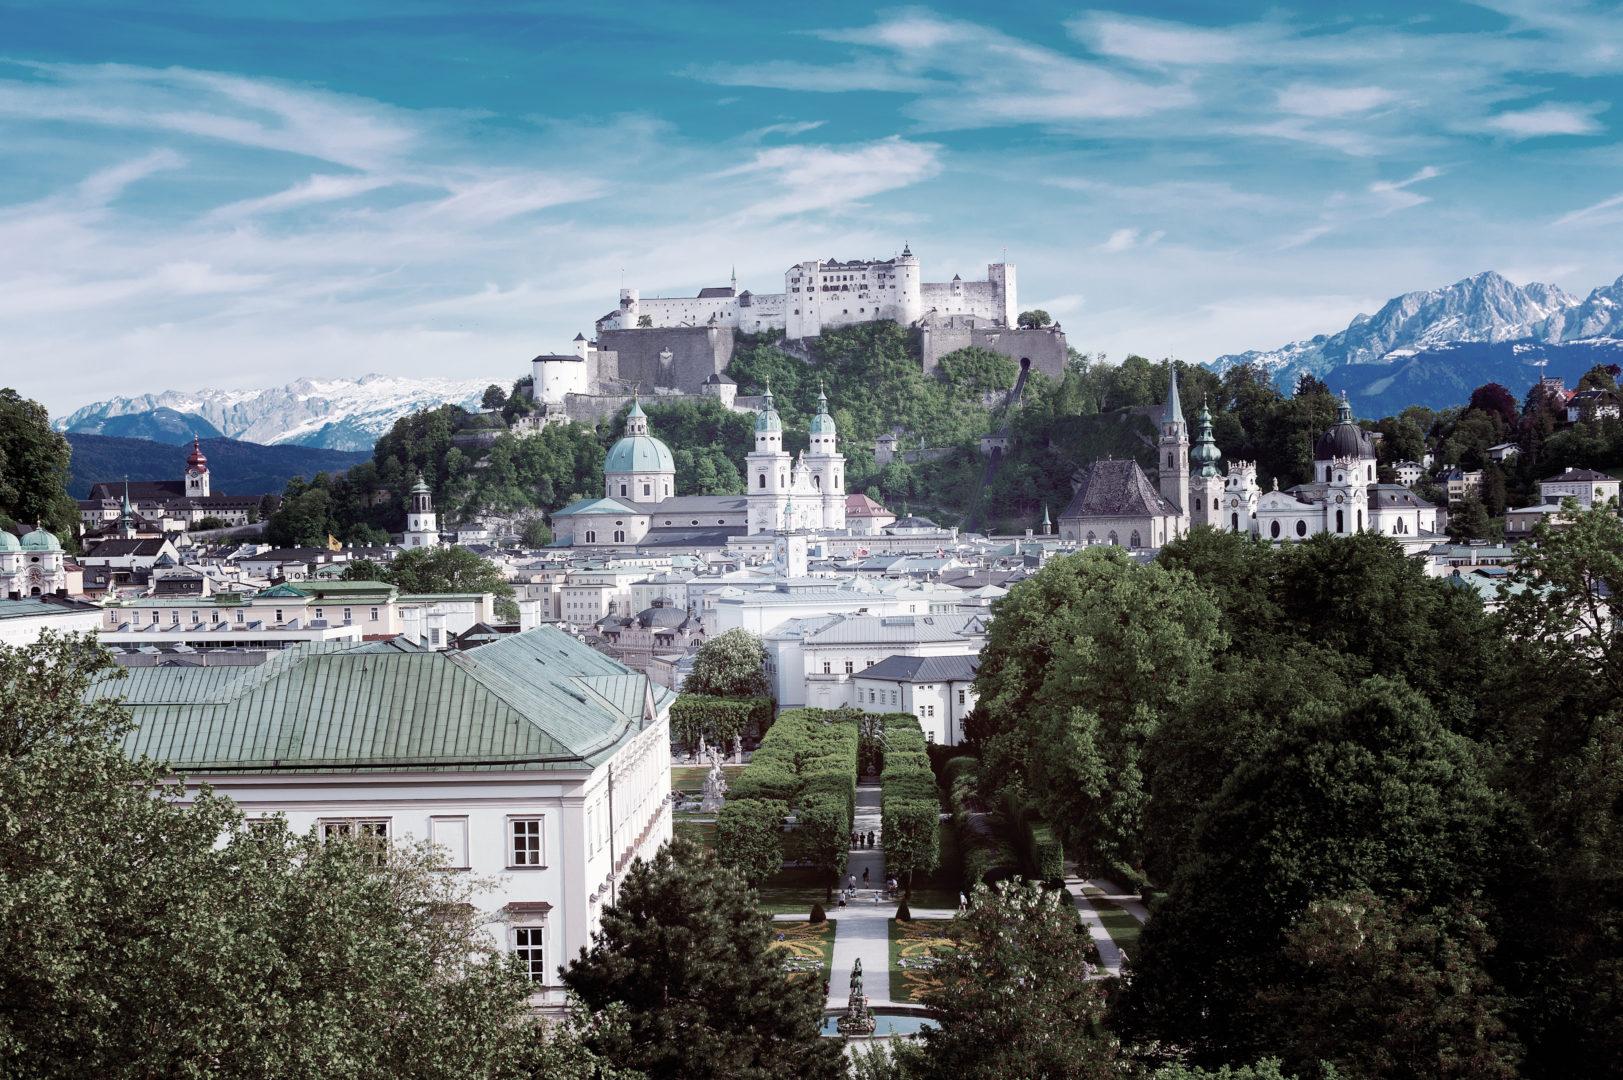 Sbg-erkunden_(c)Salzburg-Tourismus_04